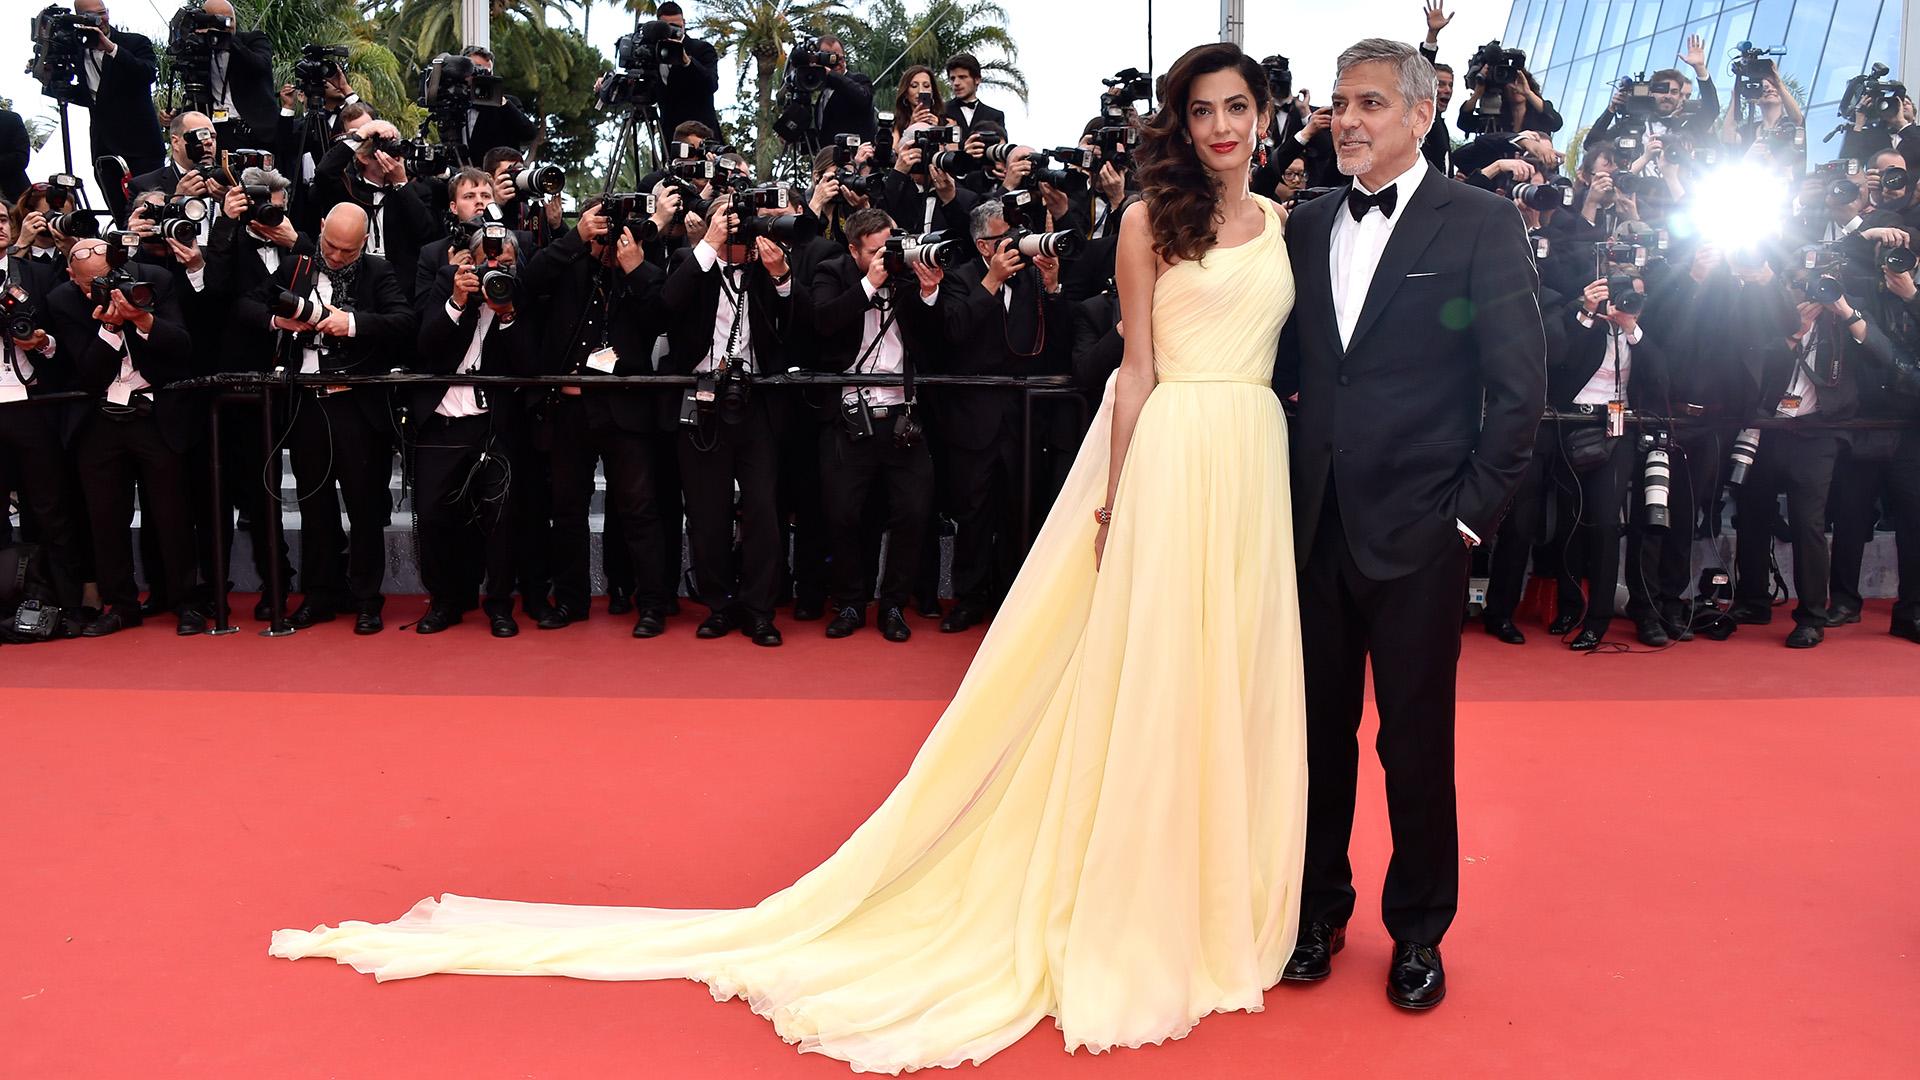 George és Amal Clooney